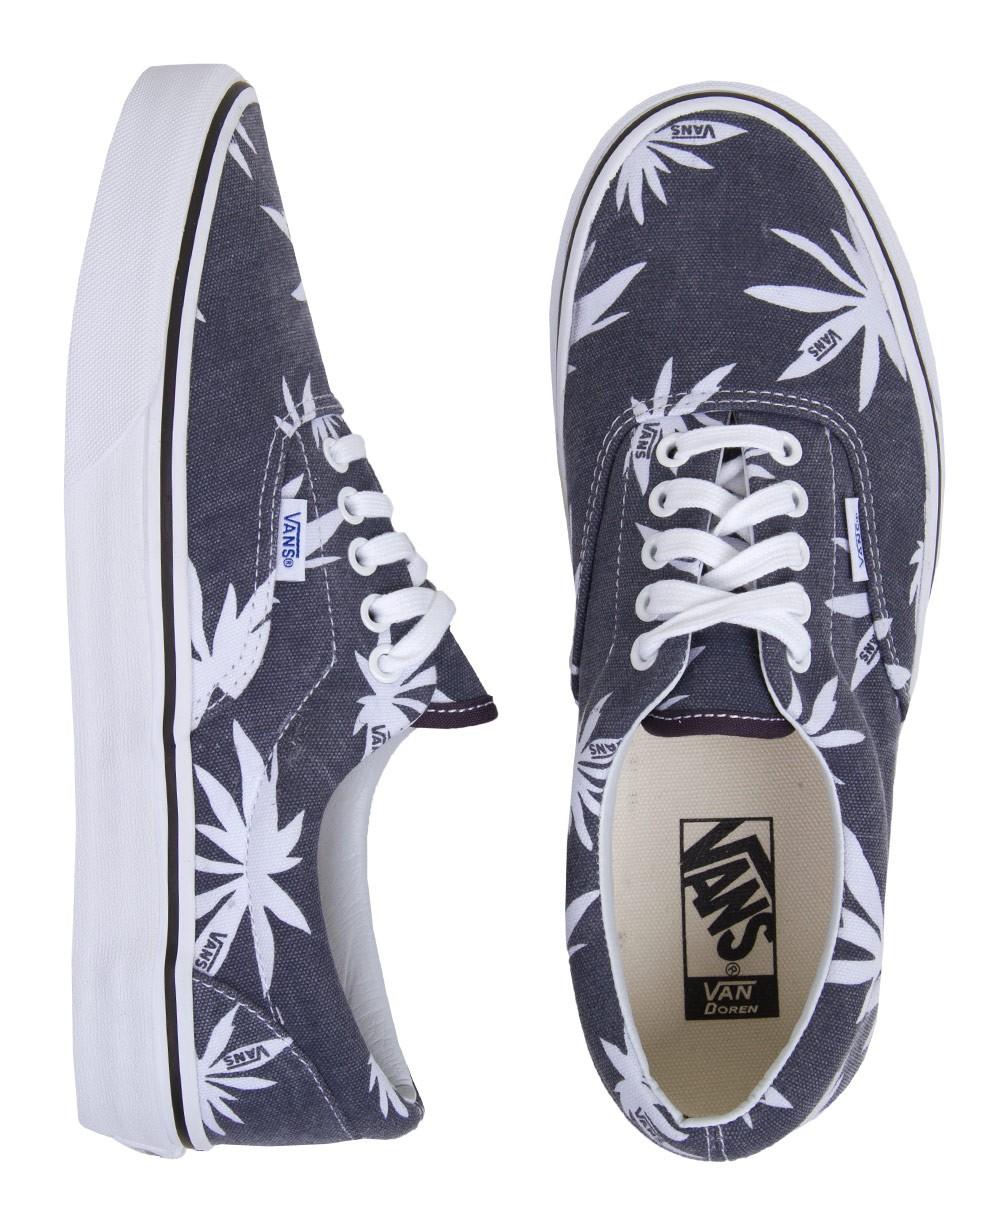 van doren) palm/navy